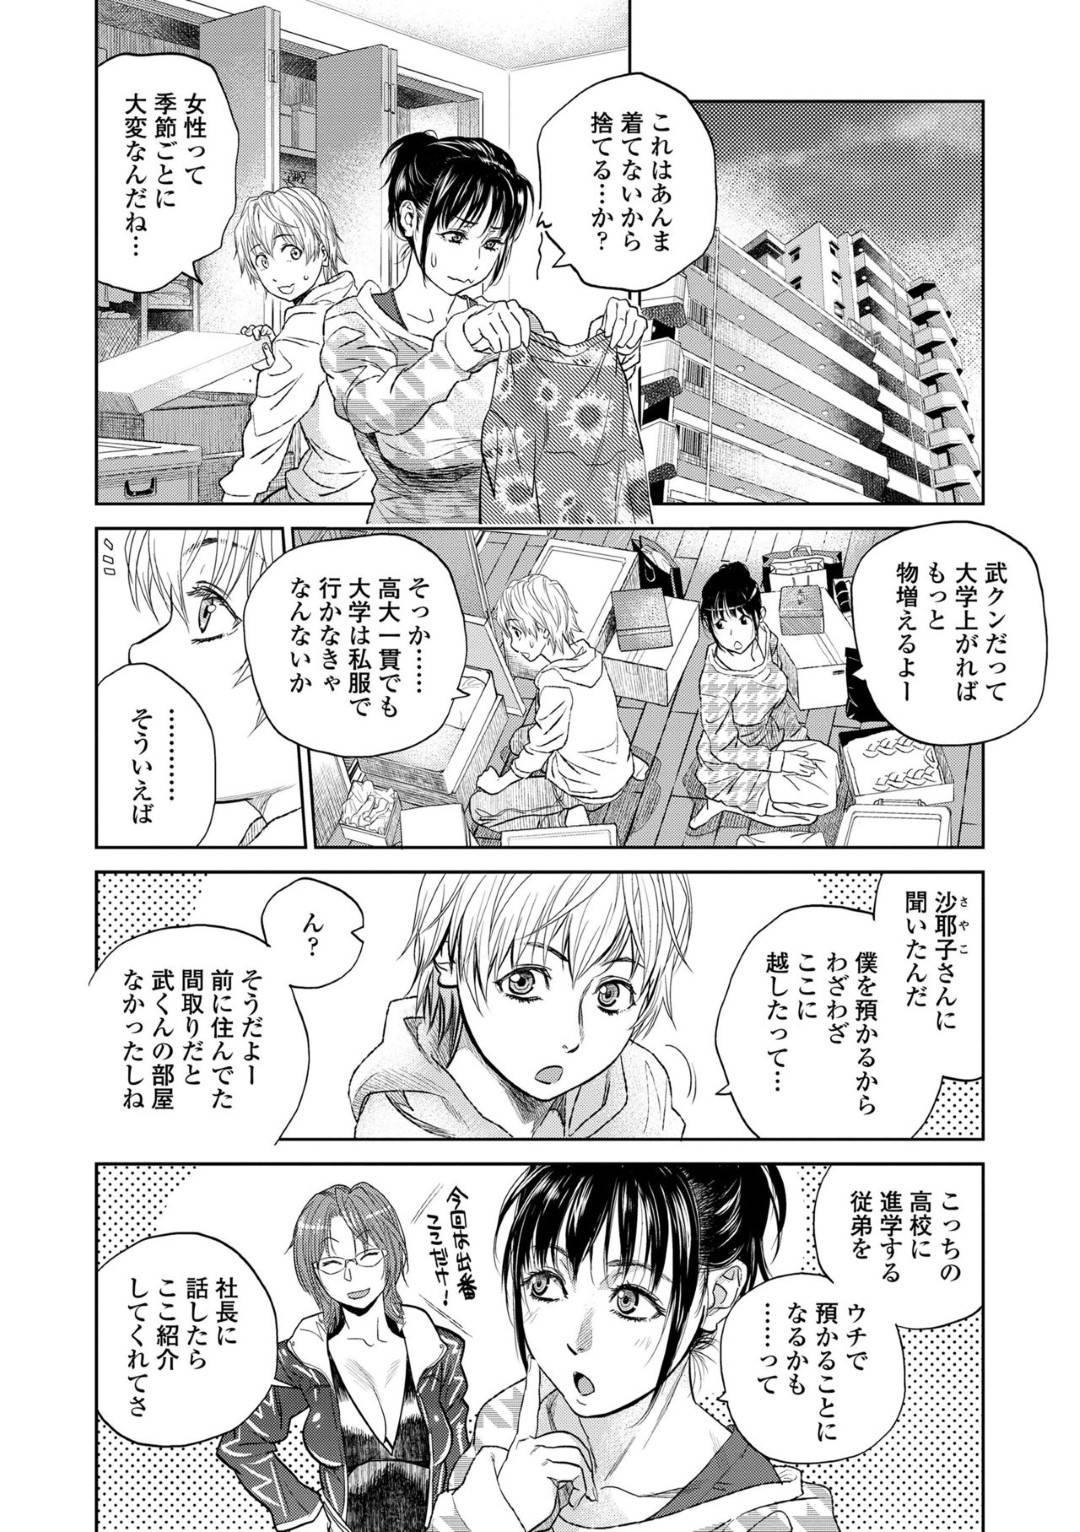 【オモチャ責めエロ漫画】恵美はスケスケランジェリーを着て武を誘惑しオモチャ責めにしイチャラブセックス【木静謙二】